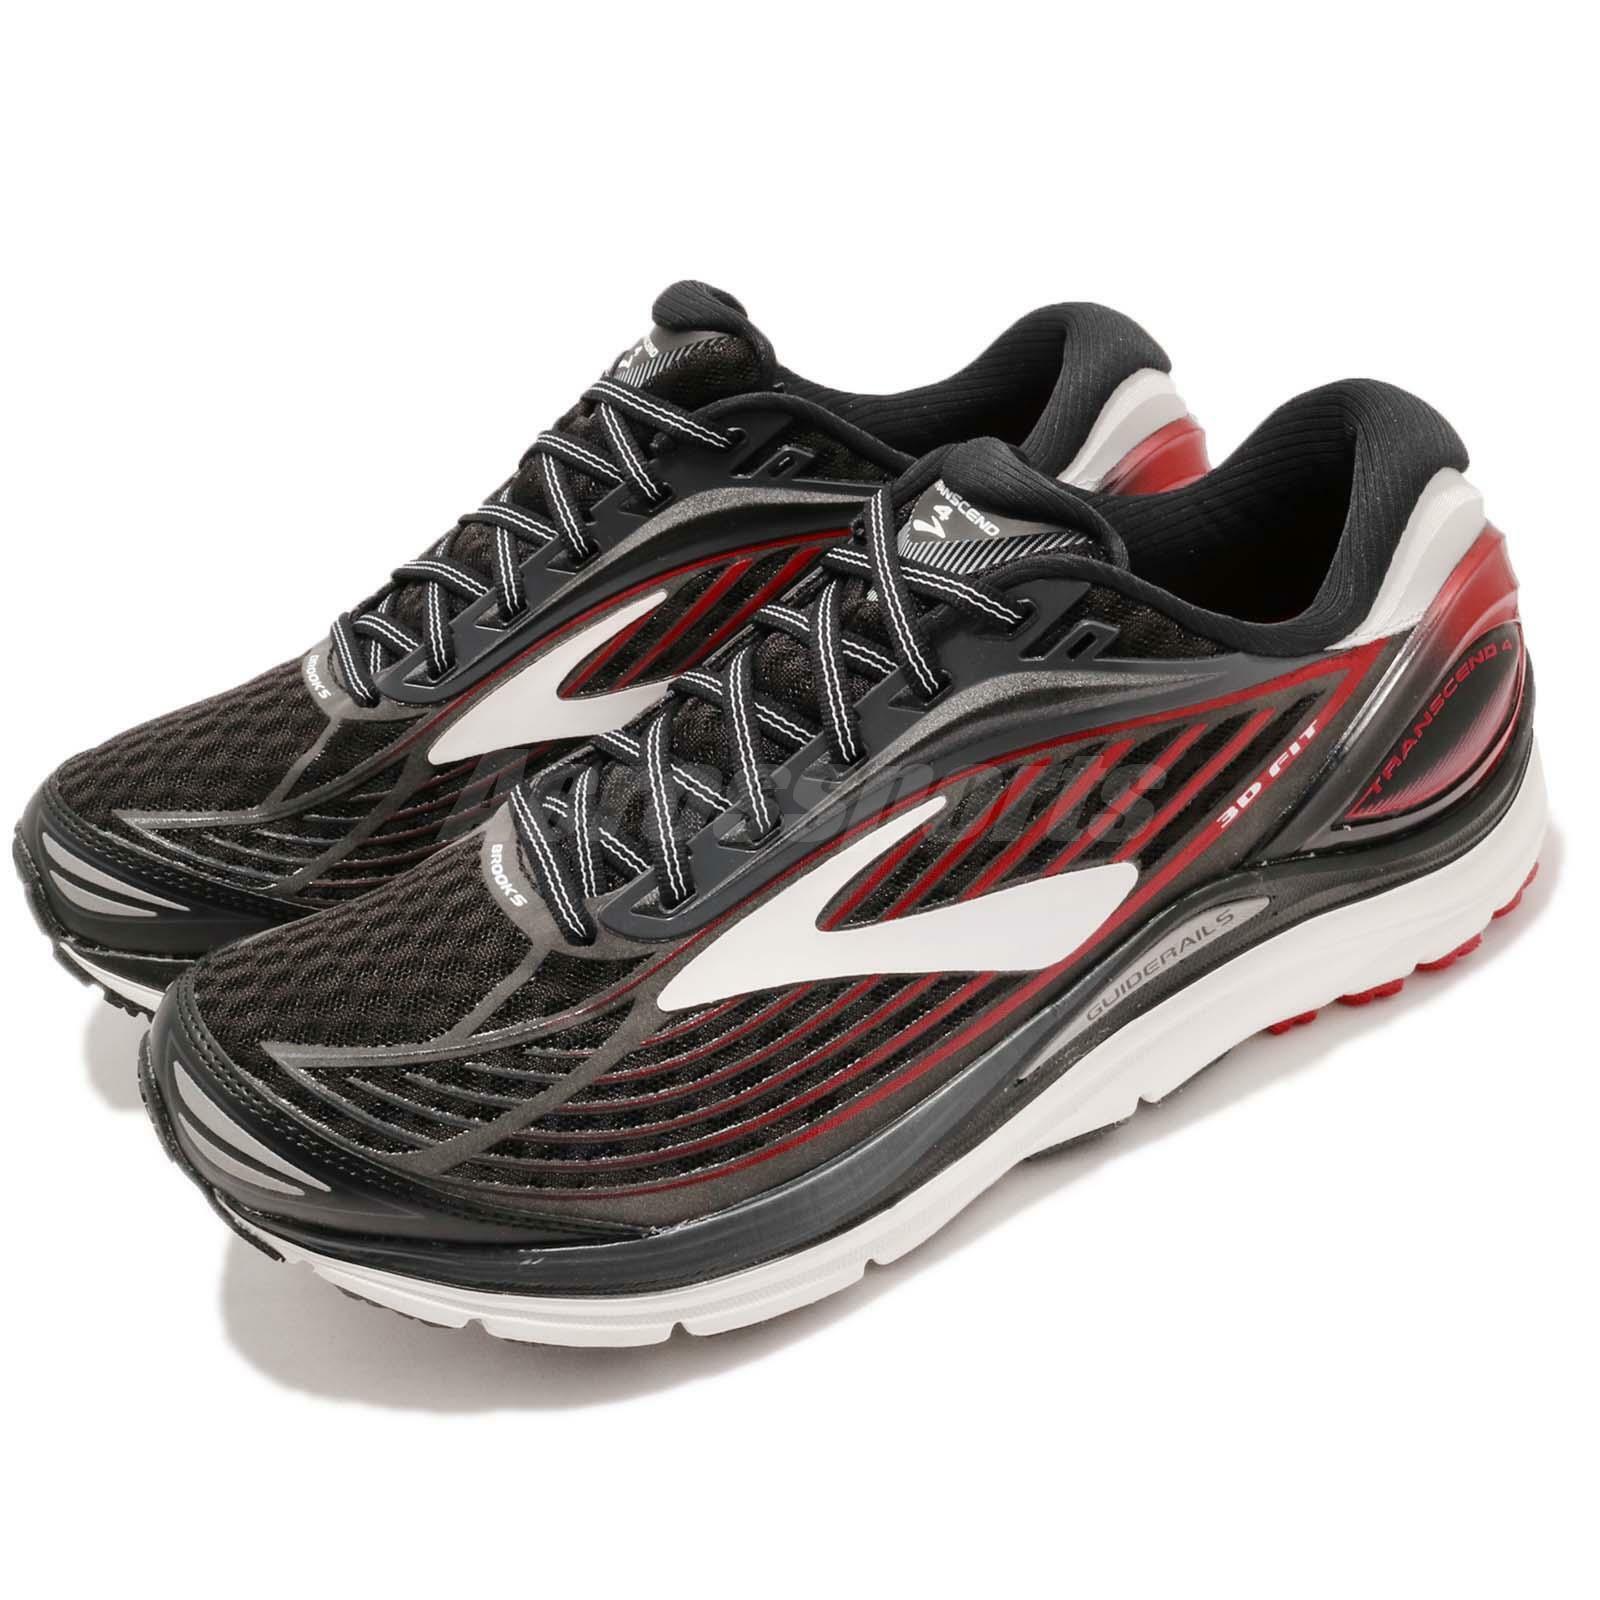 Brooks Transcend 4 Negro blancoo Rojo Hombres Correr Entrenamiento Calzado Tenis 110249 1D